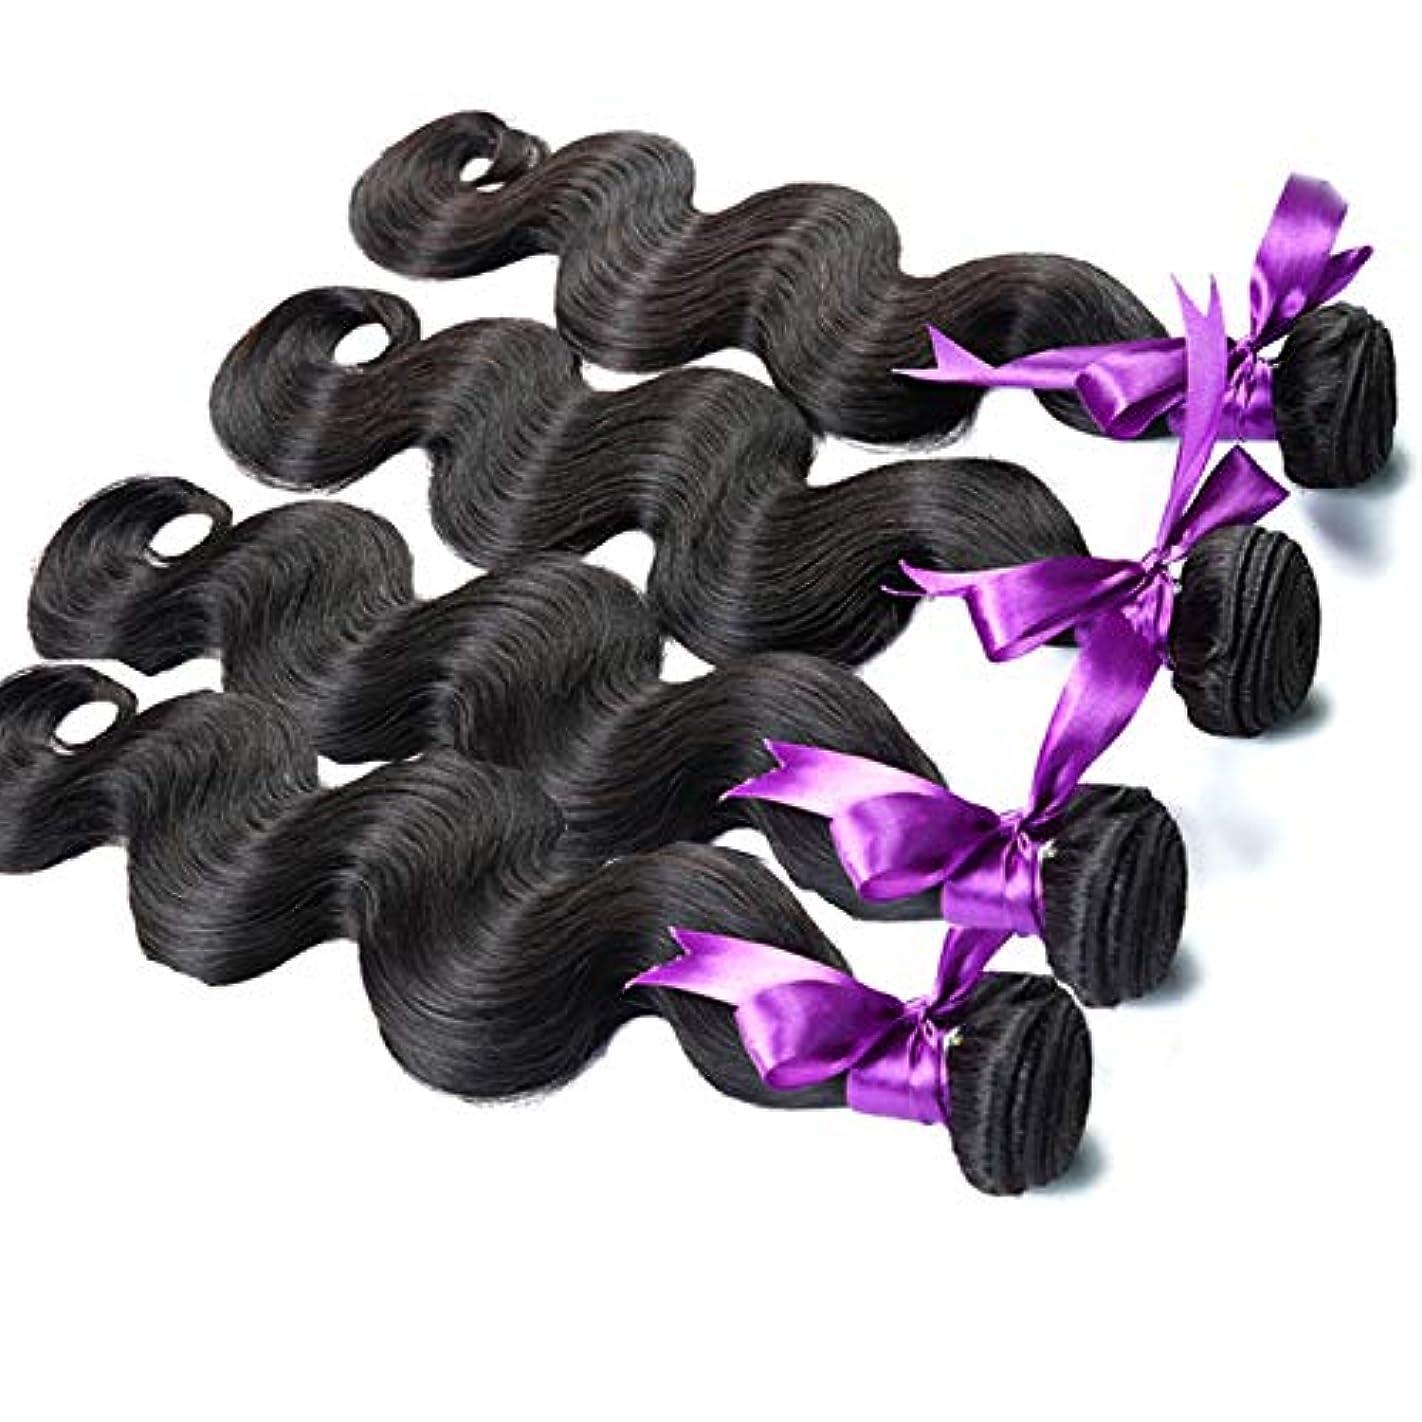 デコレーションきちんとしたスポーツをするかつら ヘアエクステンションヘア織り実体波ヘアバンドル8aグレード人間の髪織りナチュラルカラー非レミーヘアエクステンション12-28インチ4バンドル (Stretched Length : 16 18 20 20 inches)